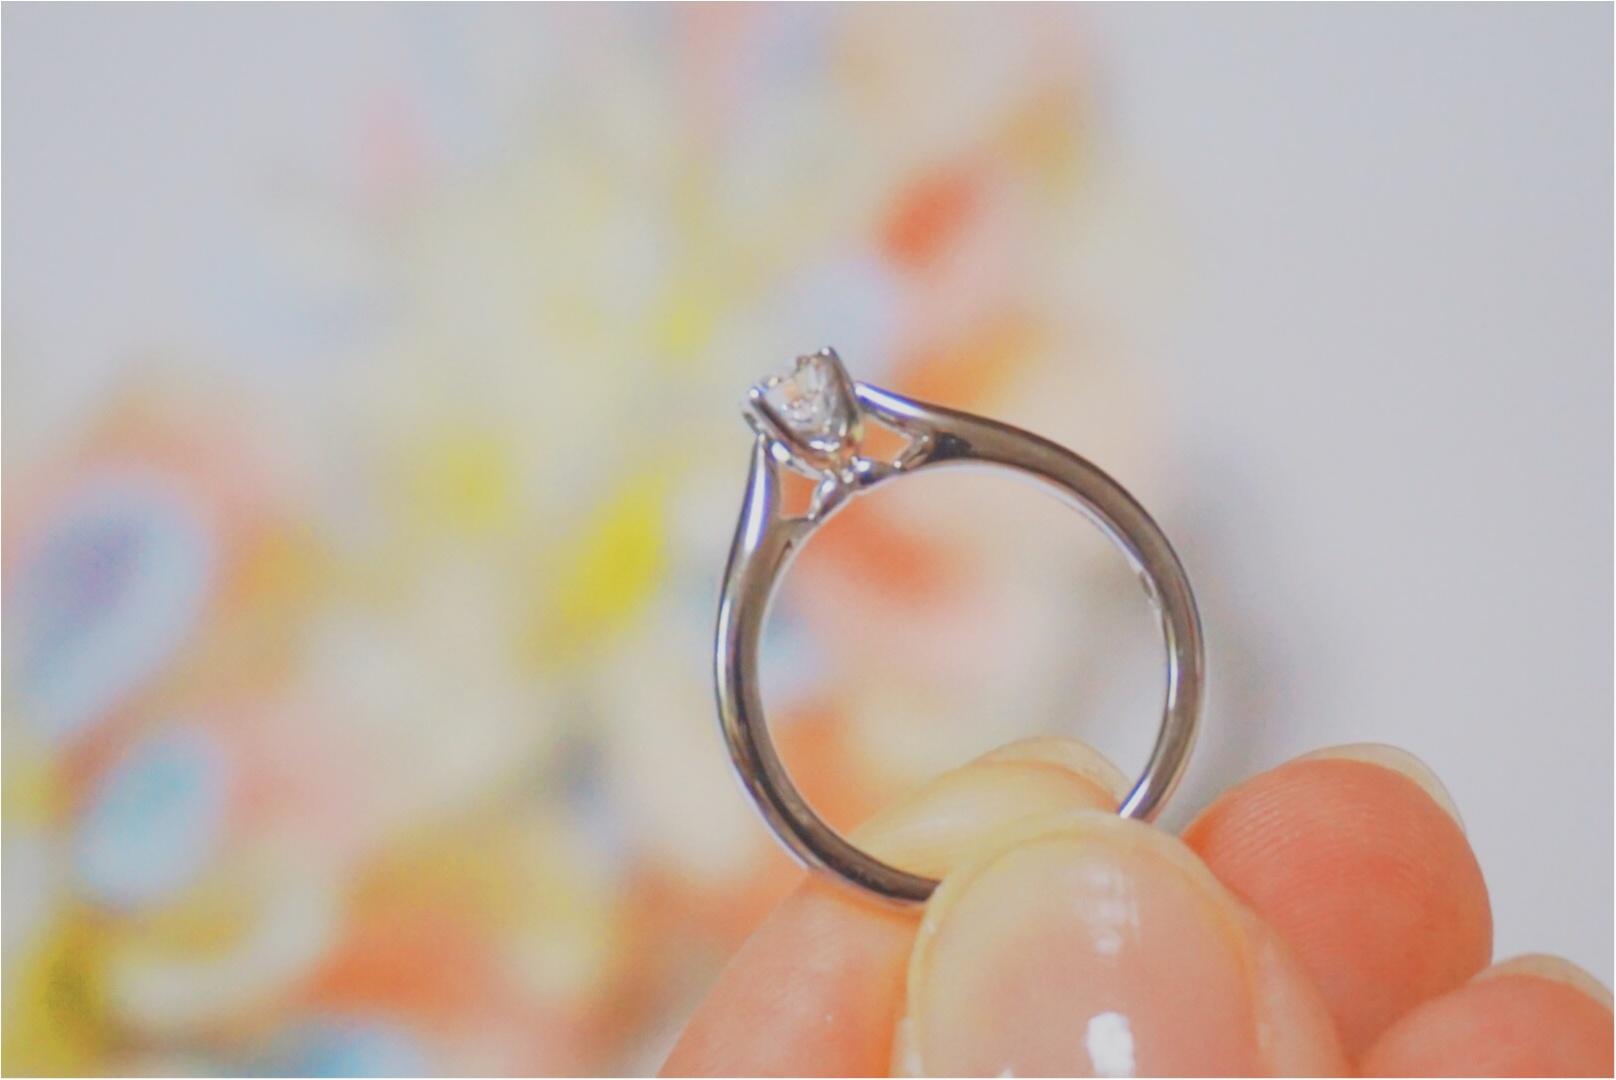 エンゲージリングは『好きなものを選んで欲しい』♡べルギー王室御用達‼︎世界で1番美しいと実証されたダイヤモンドを君に♡︎_4